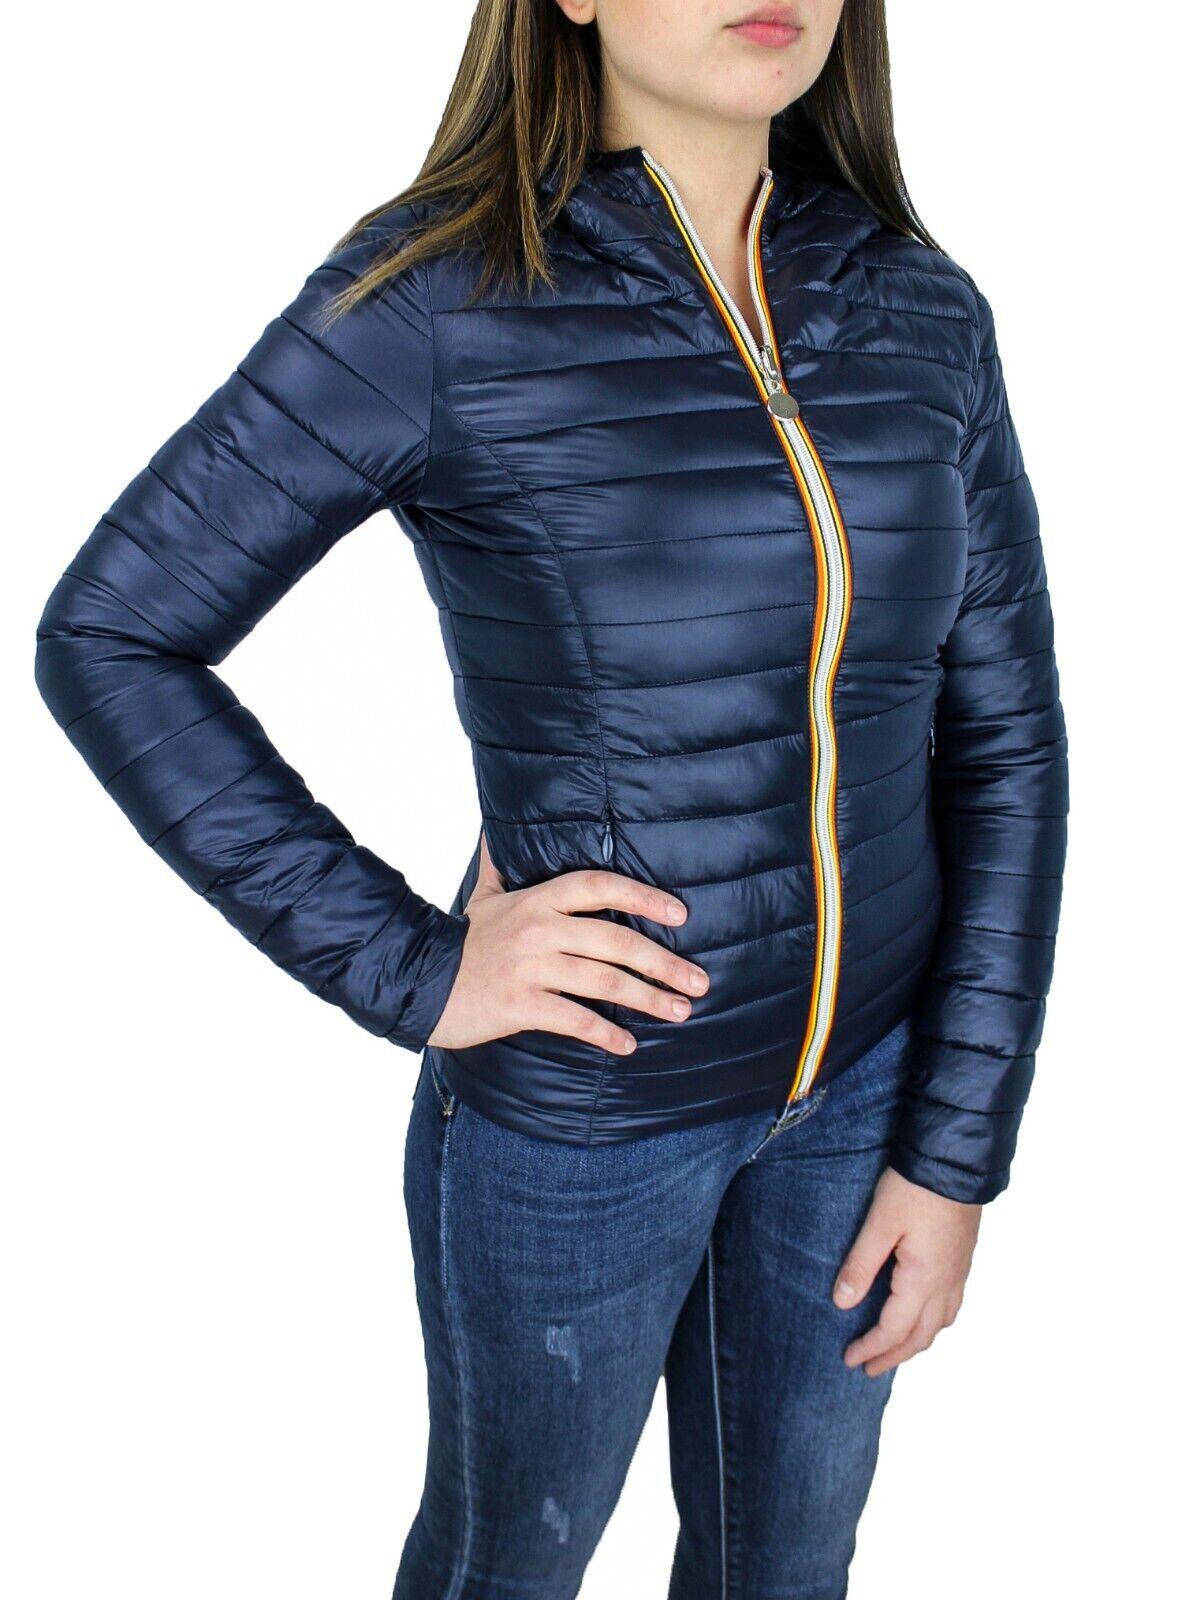 cheap for discount 15135 6d226 Giubbotto piumino donna blu scuro casual giacca 100 grammi ...